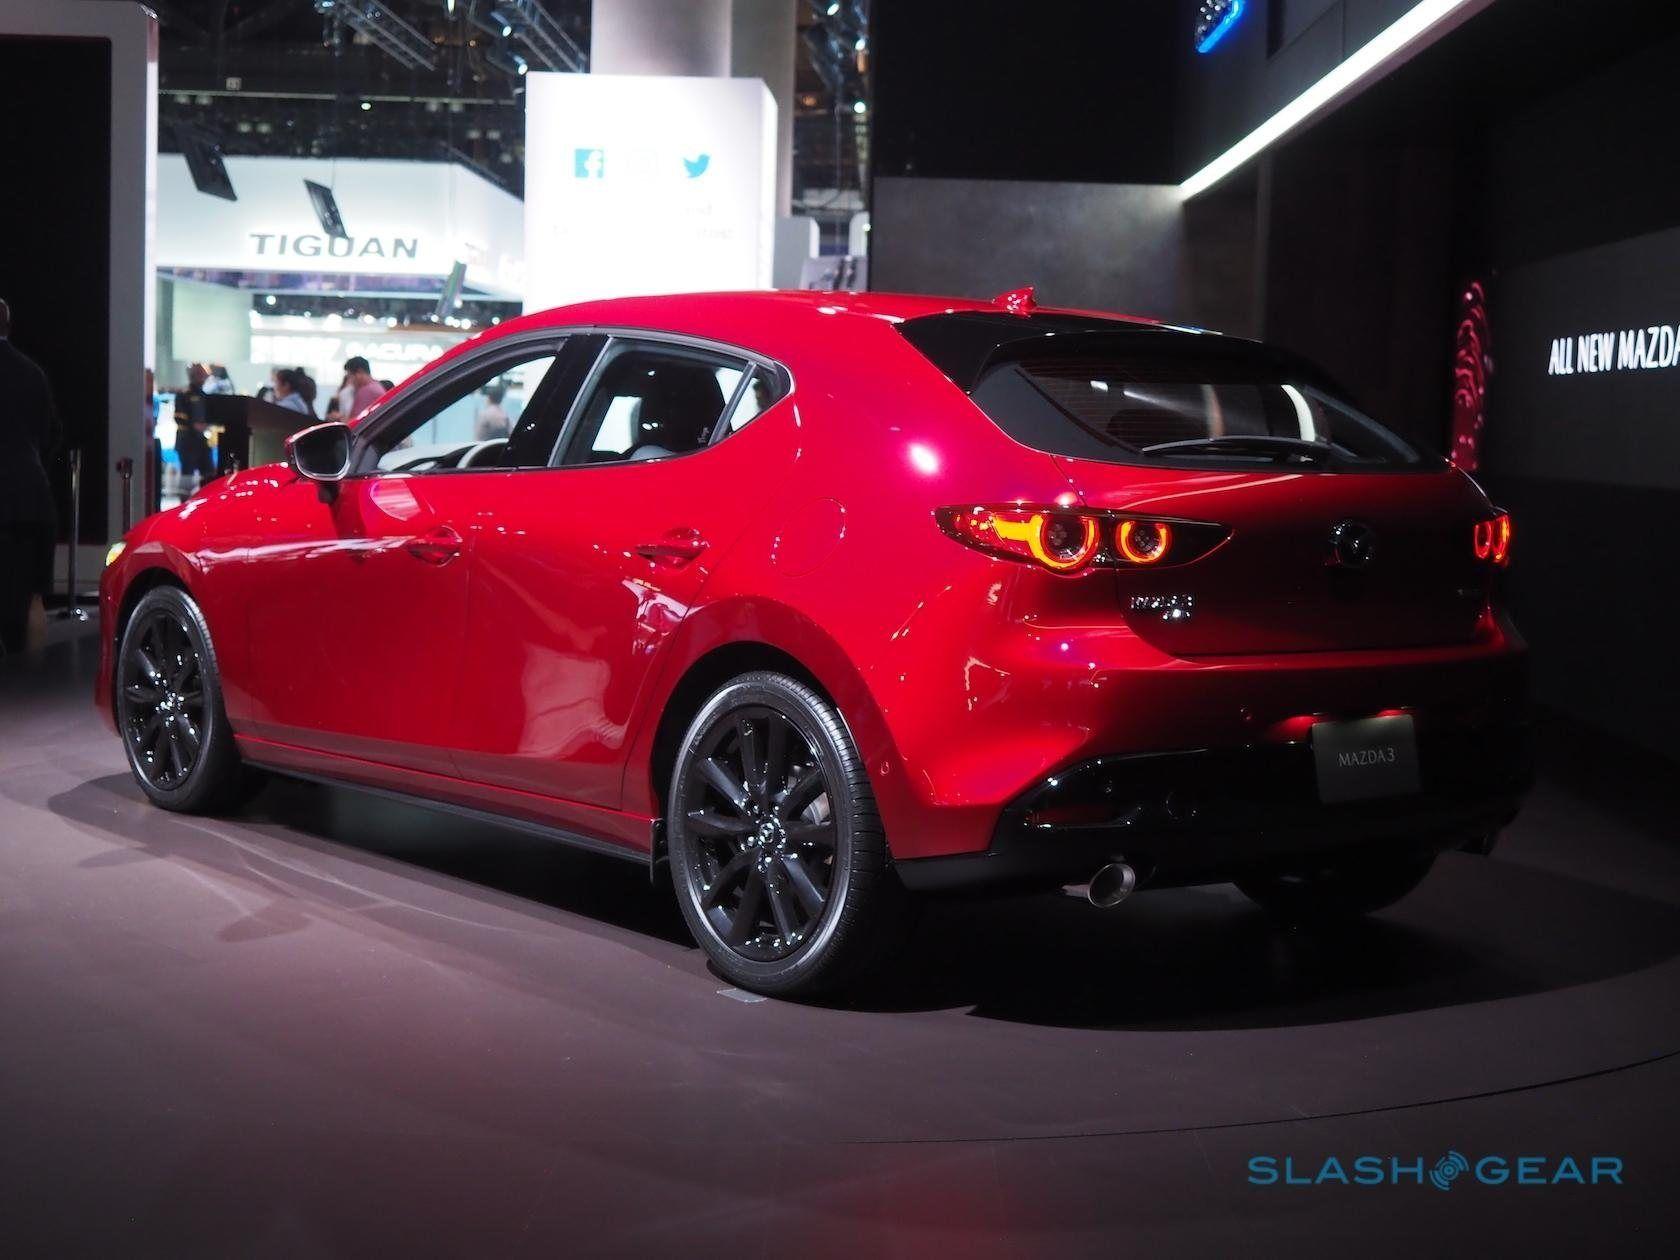 2020 Mazda Cx 9 Rumors Engine in 2020 Mazda cars, Mazda